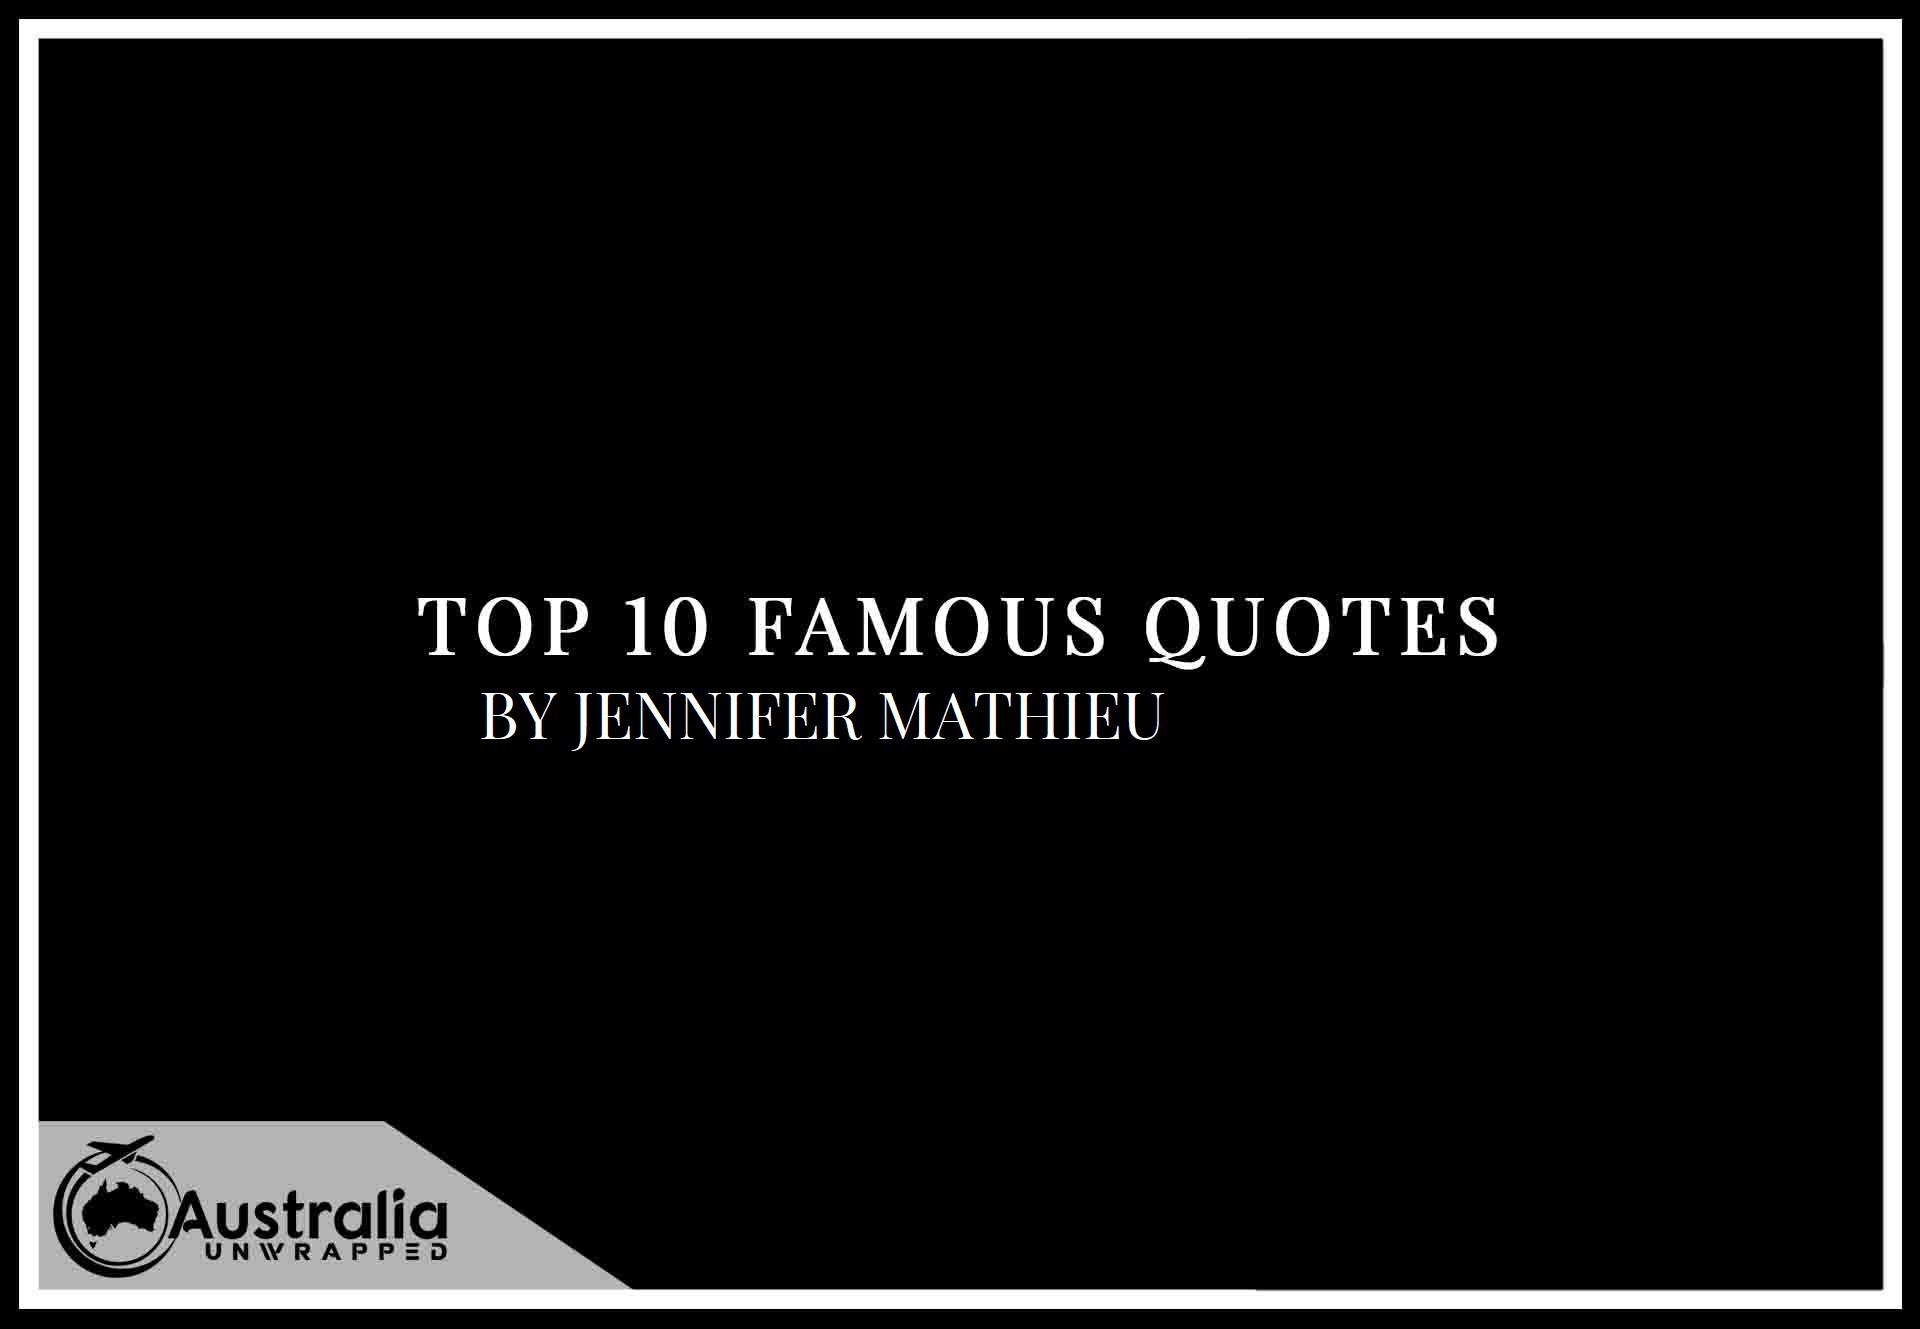 Top 10 Famous Quotes by Author Jennifer Mathieu